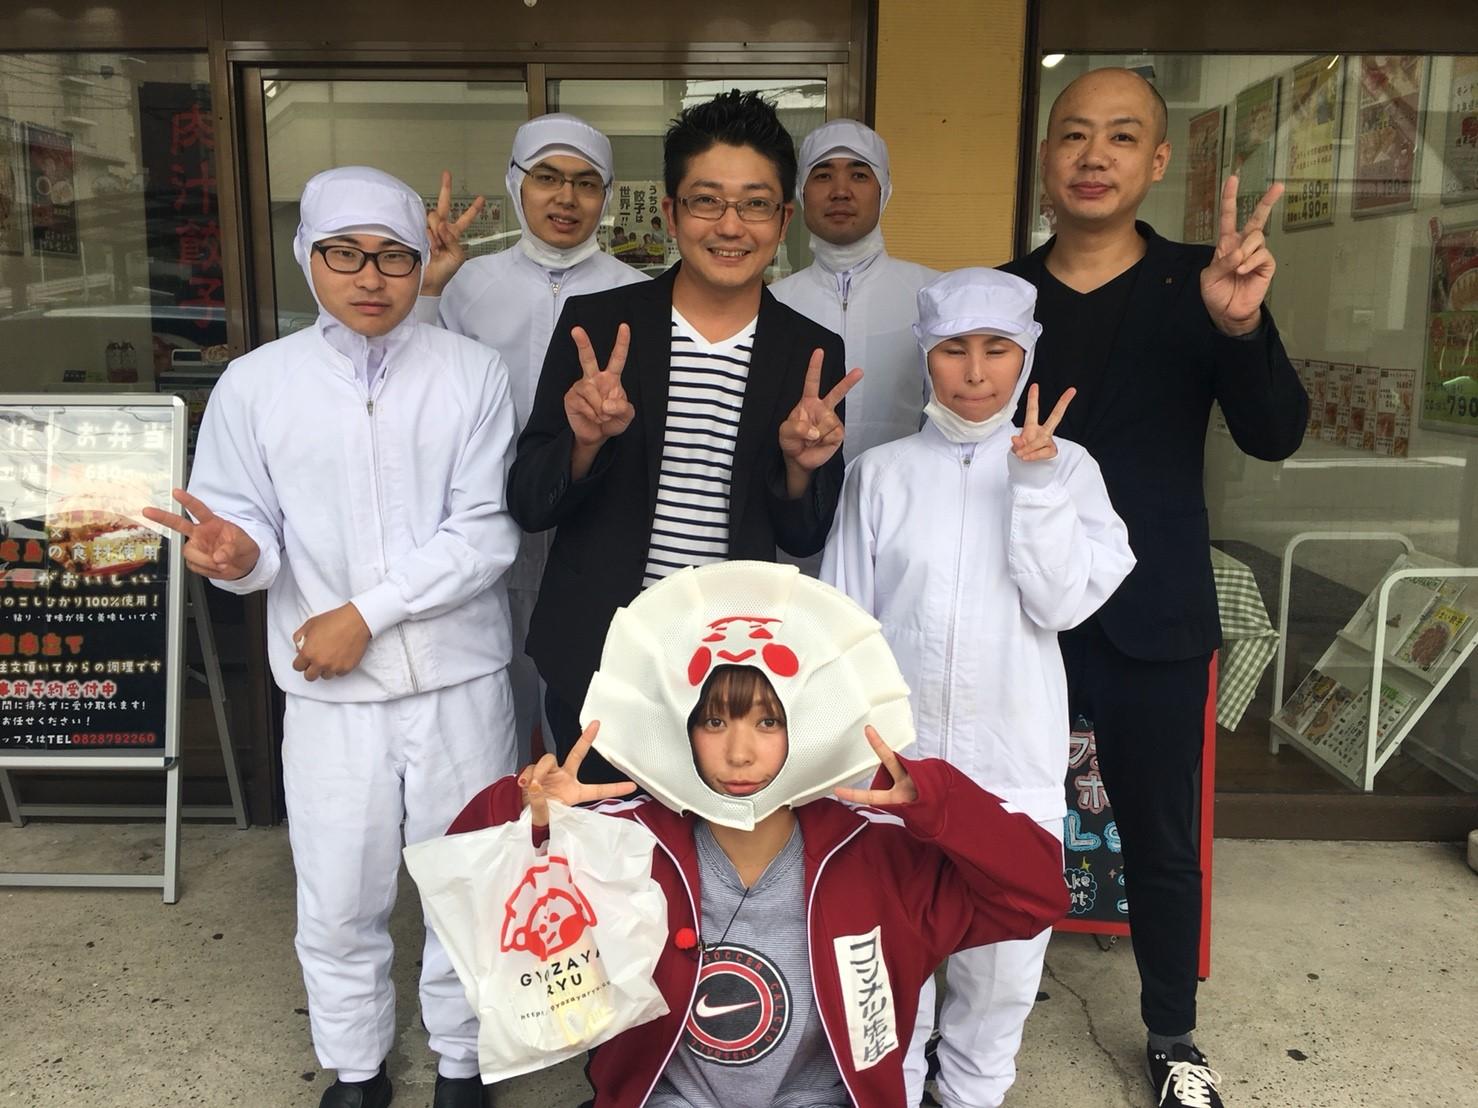 3チャンB組コンナツ先生で餃子います(^_-)